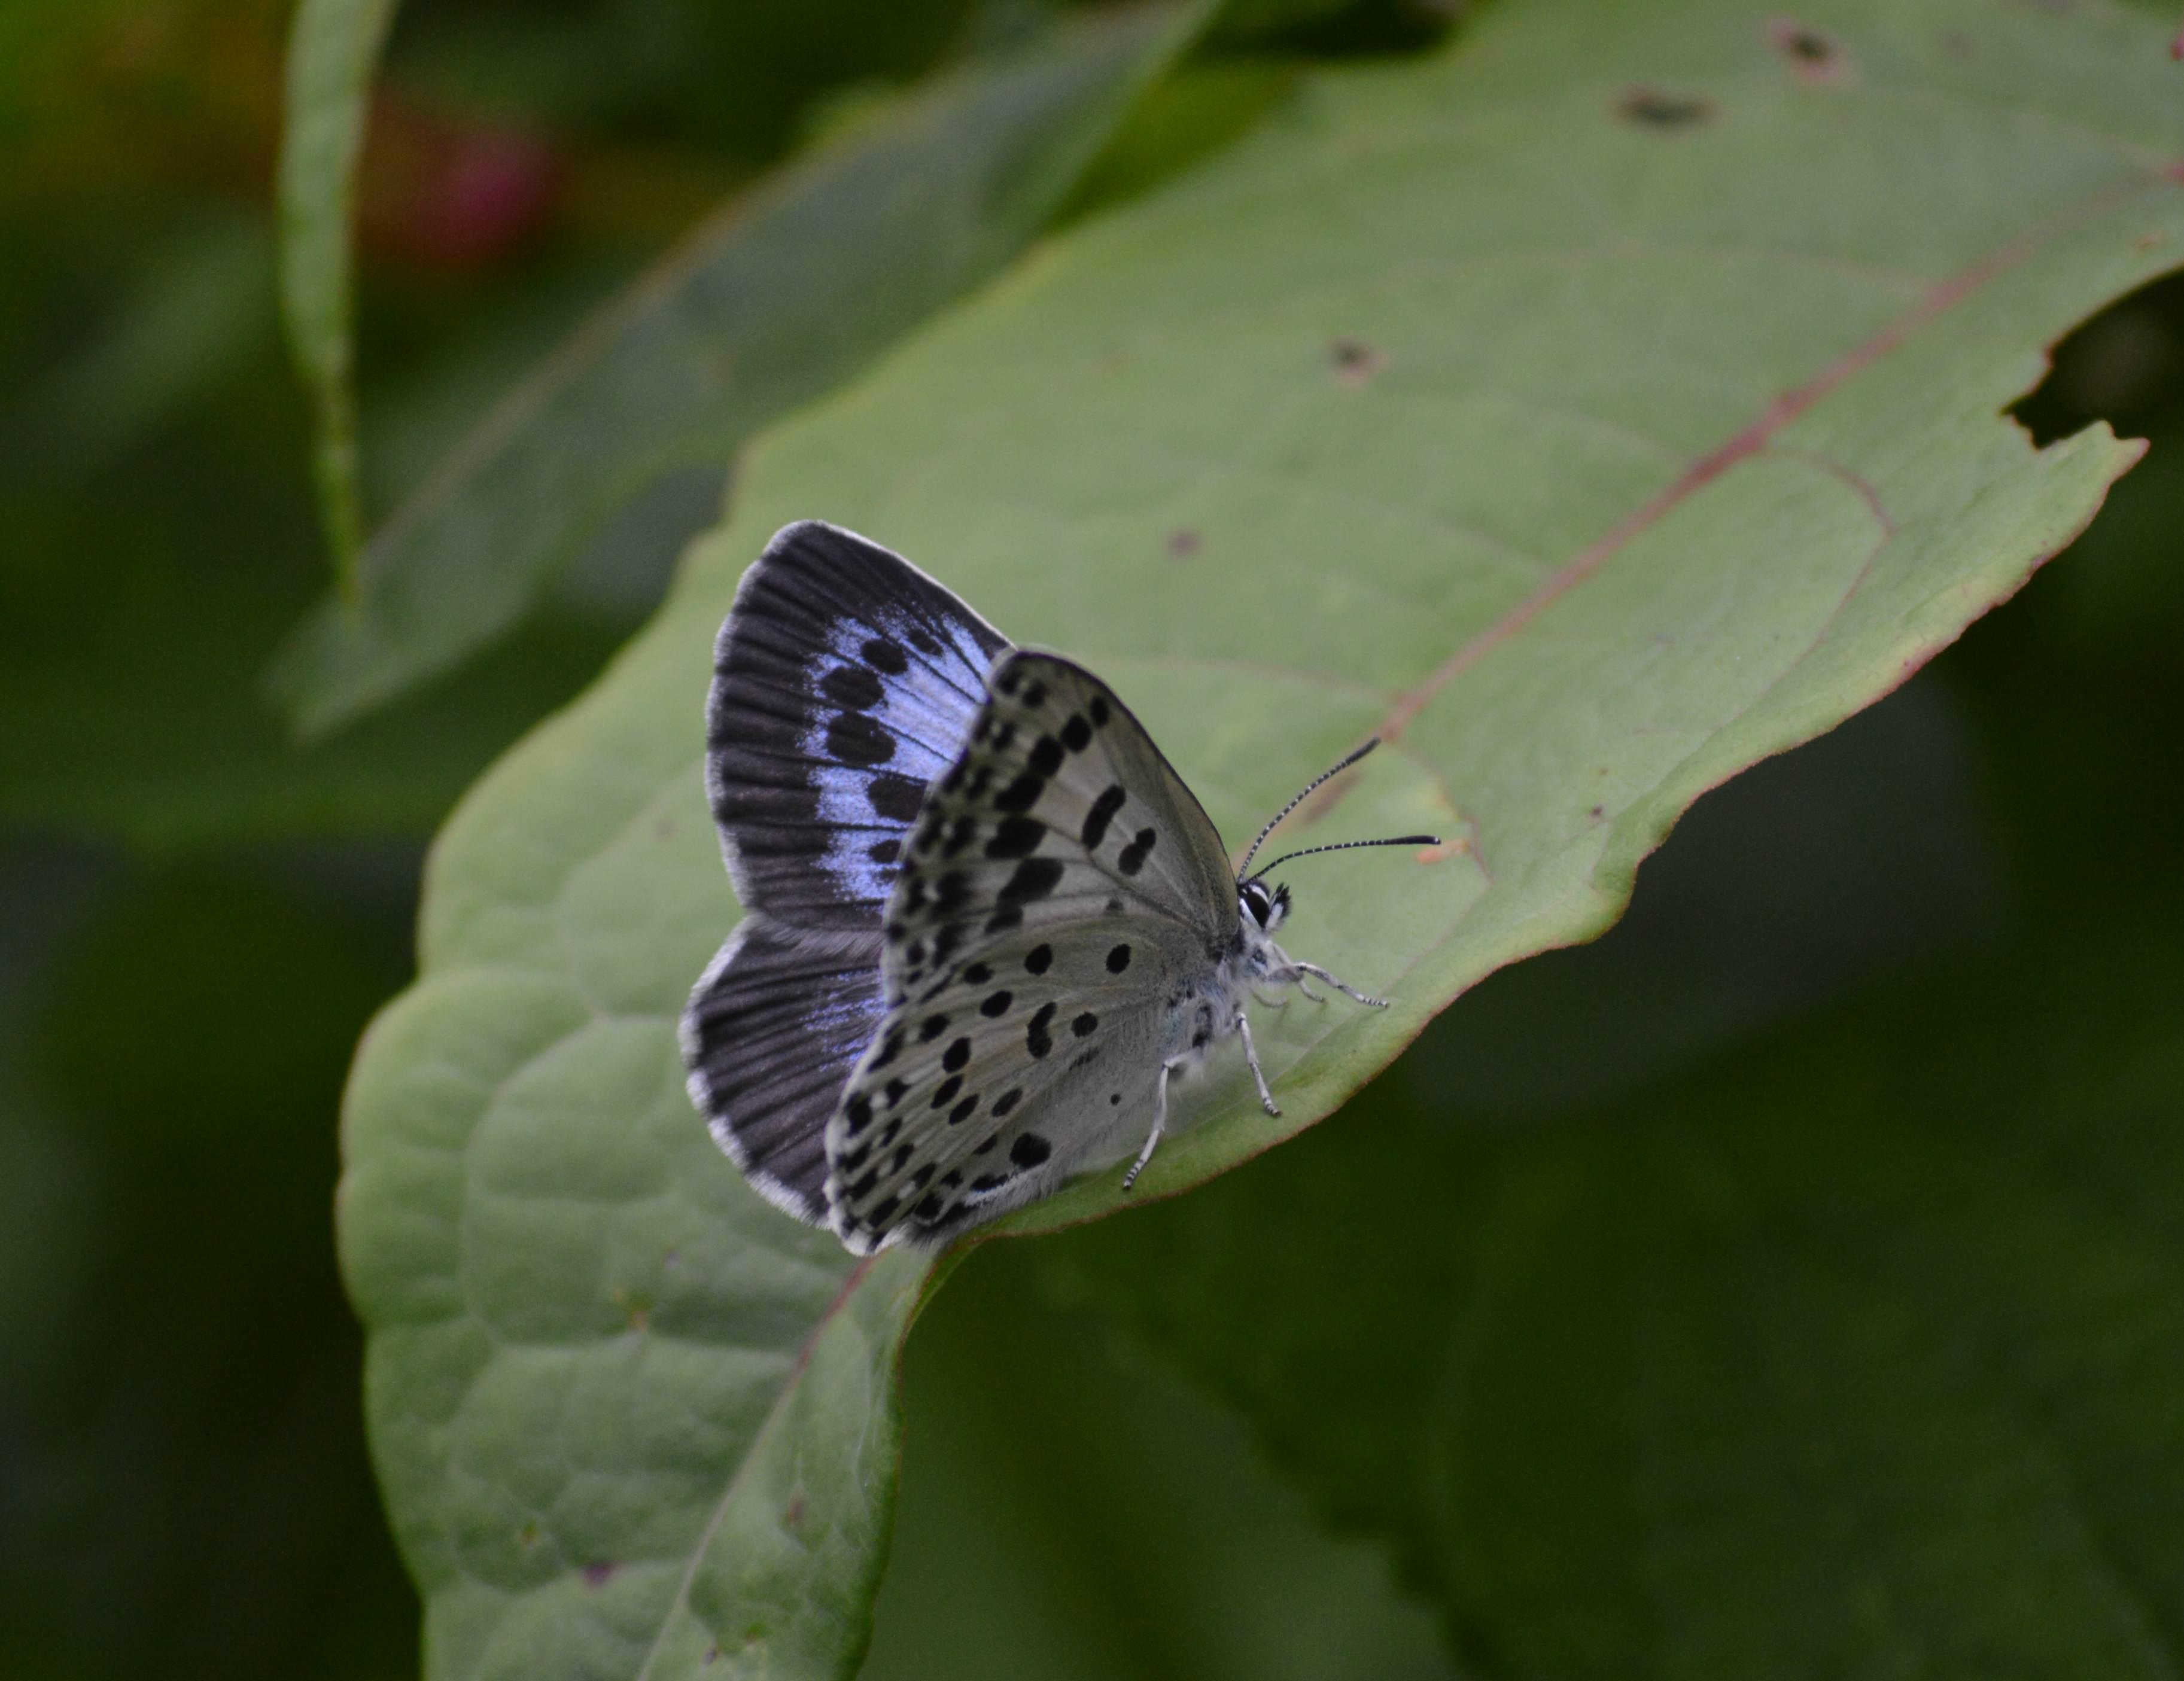 オオゴマシジミ やっぱりハードルの高い蝶でした_d0254540_15144276.jpg